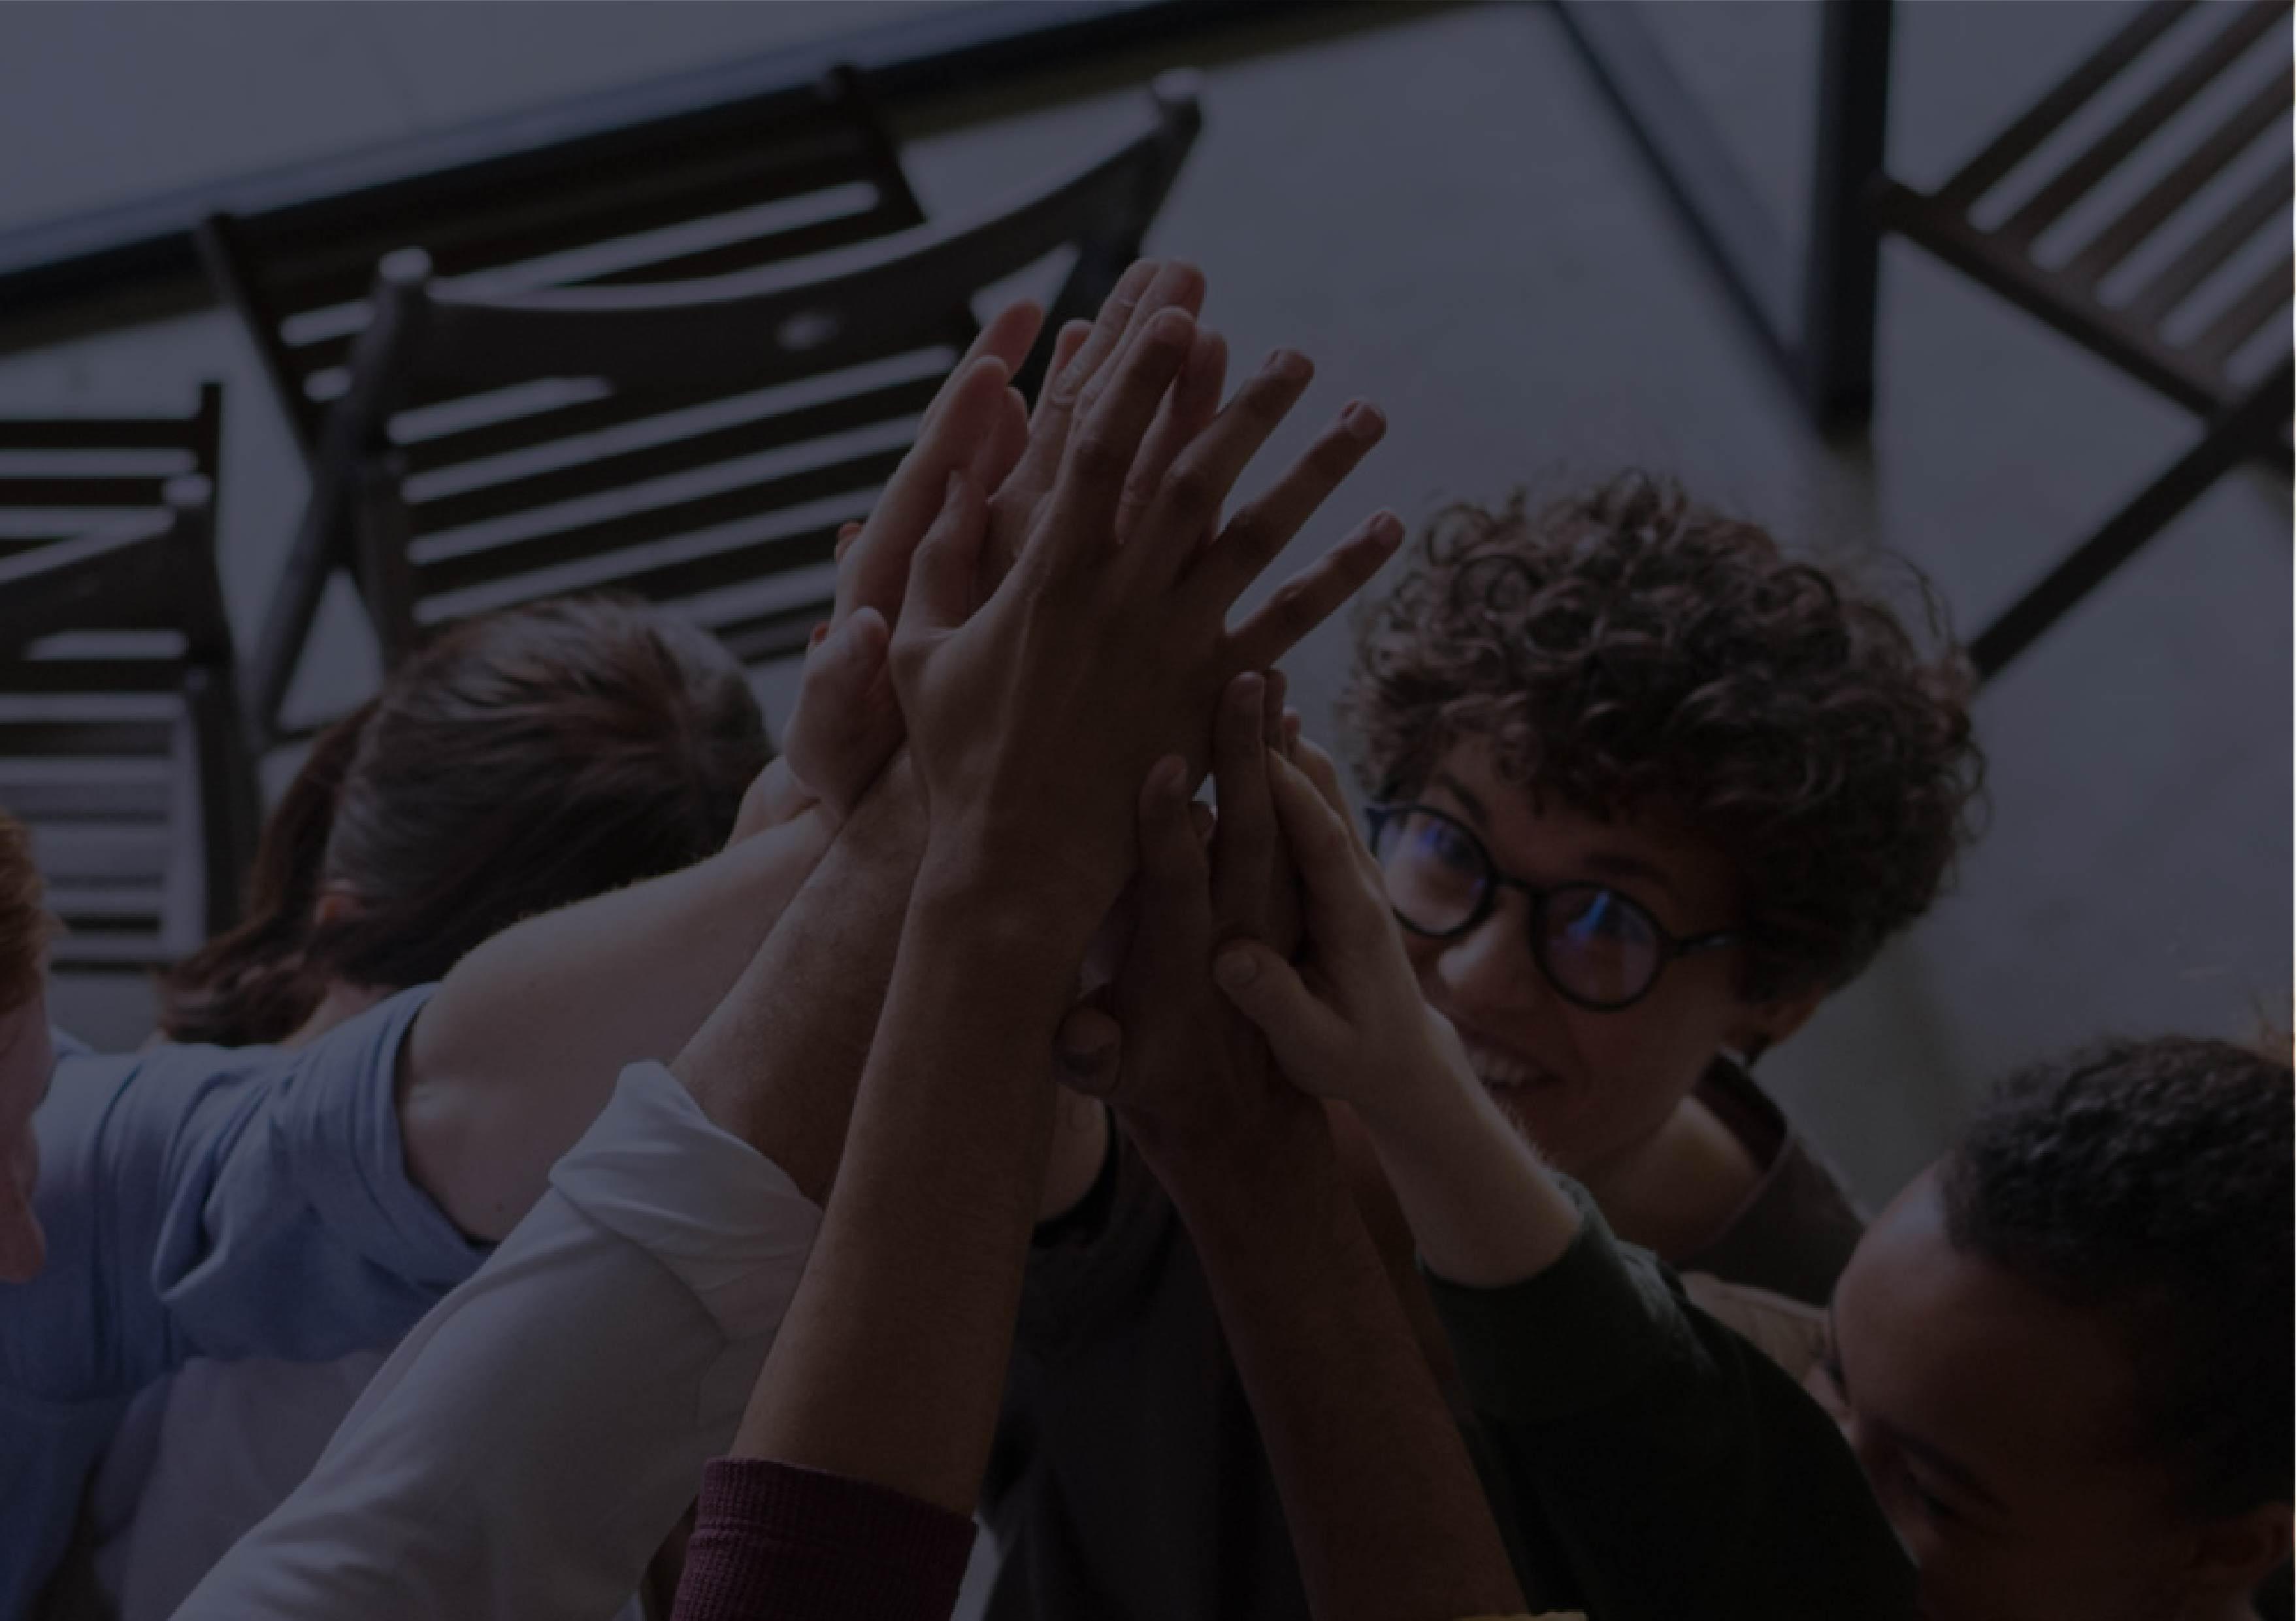 cabecera-diversidad-inclusion-redtrust-keyfactor